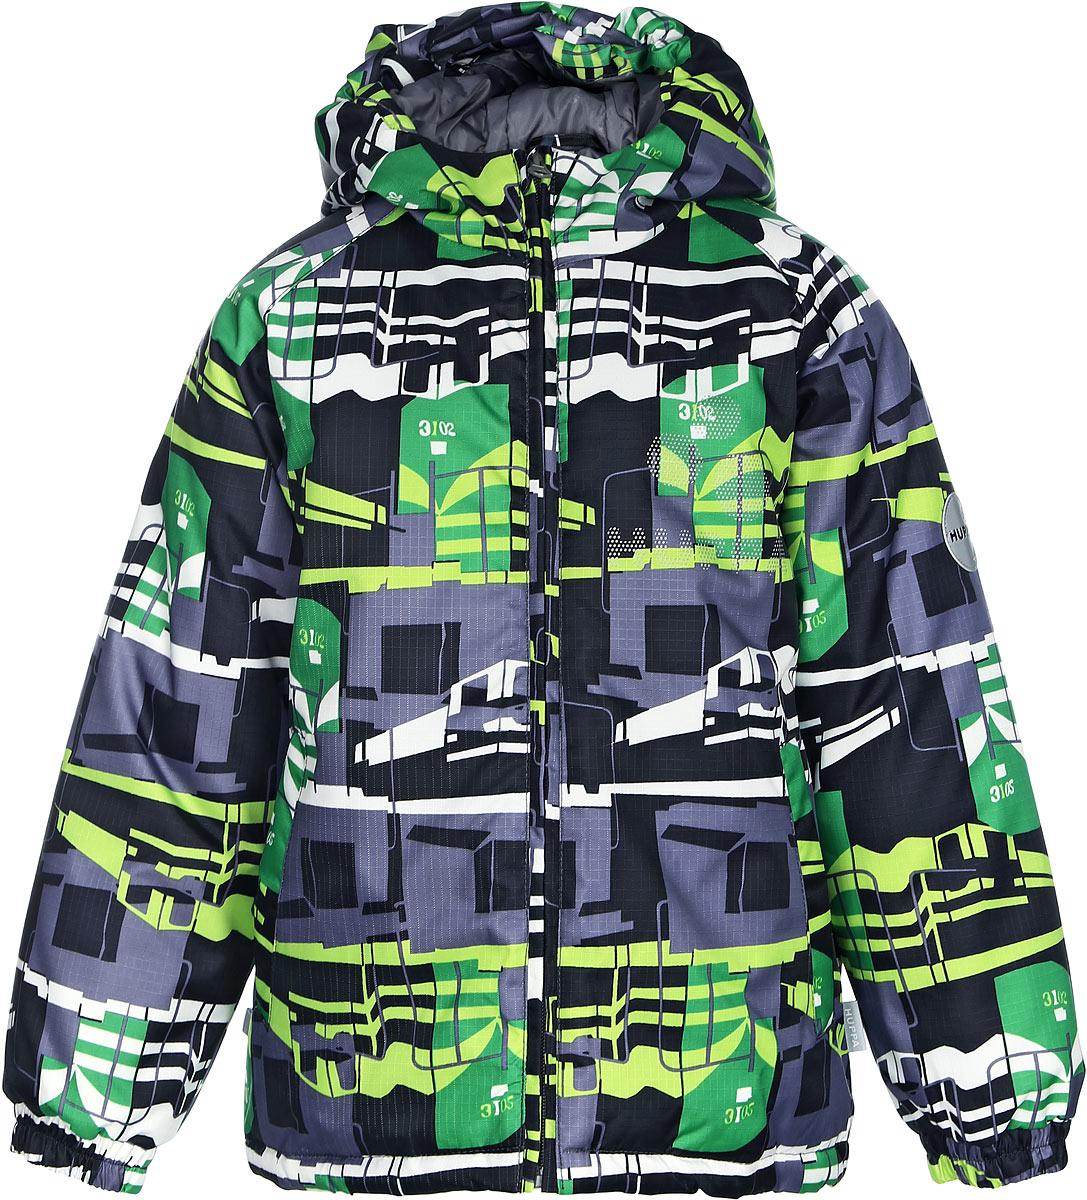 Куртка детская Huppa Classy, цвет: темно-серый. 17710030-818. Размер 11617710030-818Детская куртка Huppa изготовлена из водонепроницаемого полиэстера. Куртка с капюшоном застегивается на пластиковую застежку-молнию с защитой подбородка. Края капюшона и рукавов собраны на внутренние резинки. У модели имеются два врезных кармана. Изделие дополнено светоотражающими элементами.